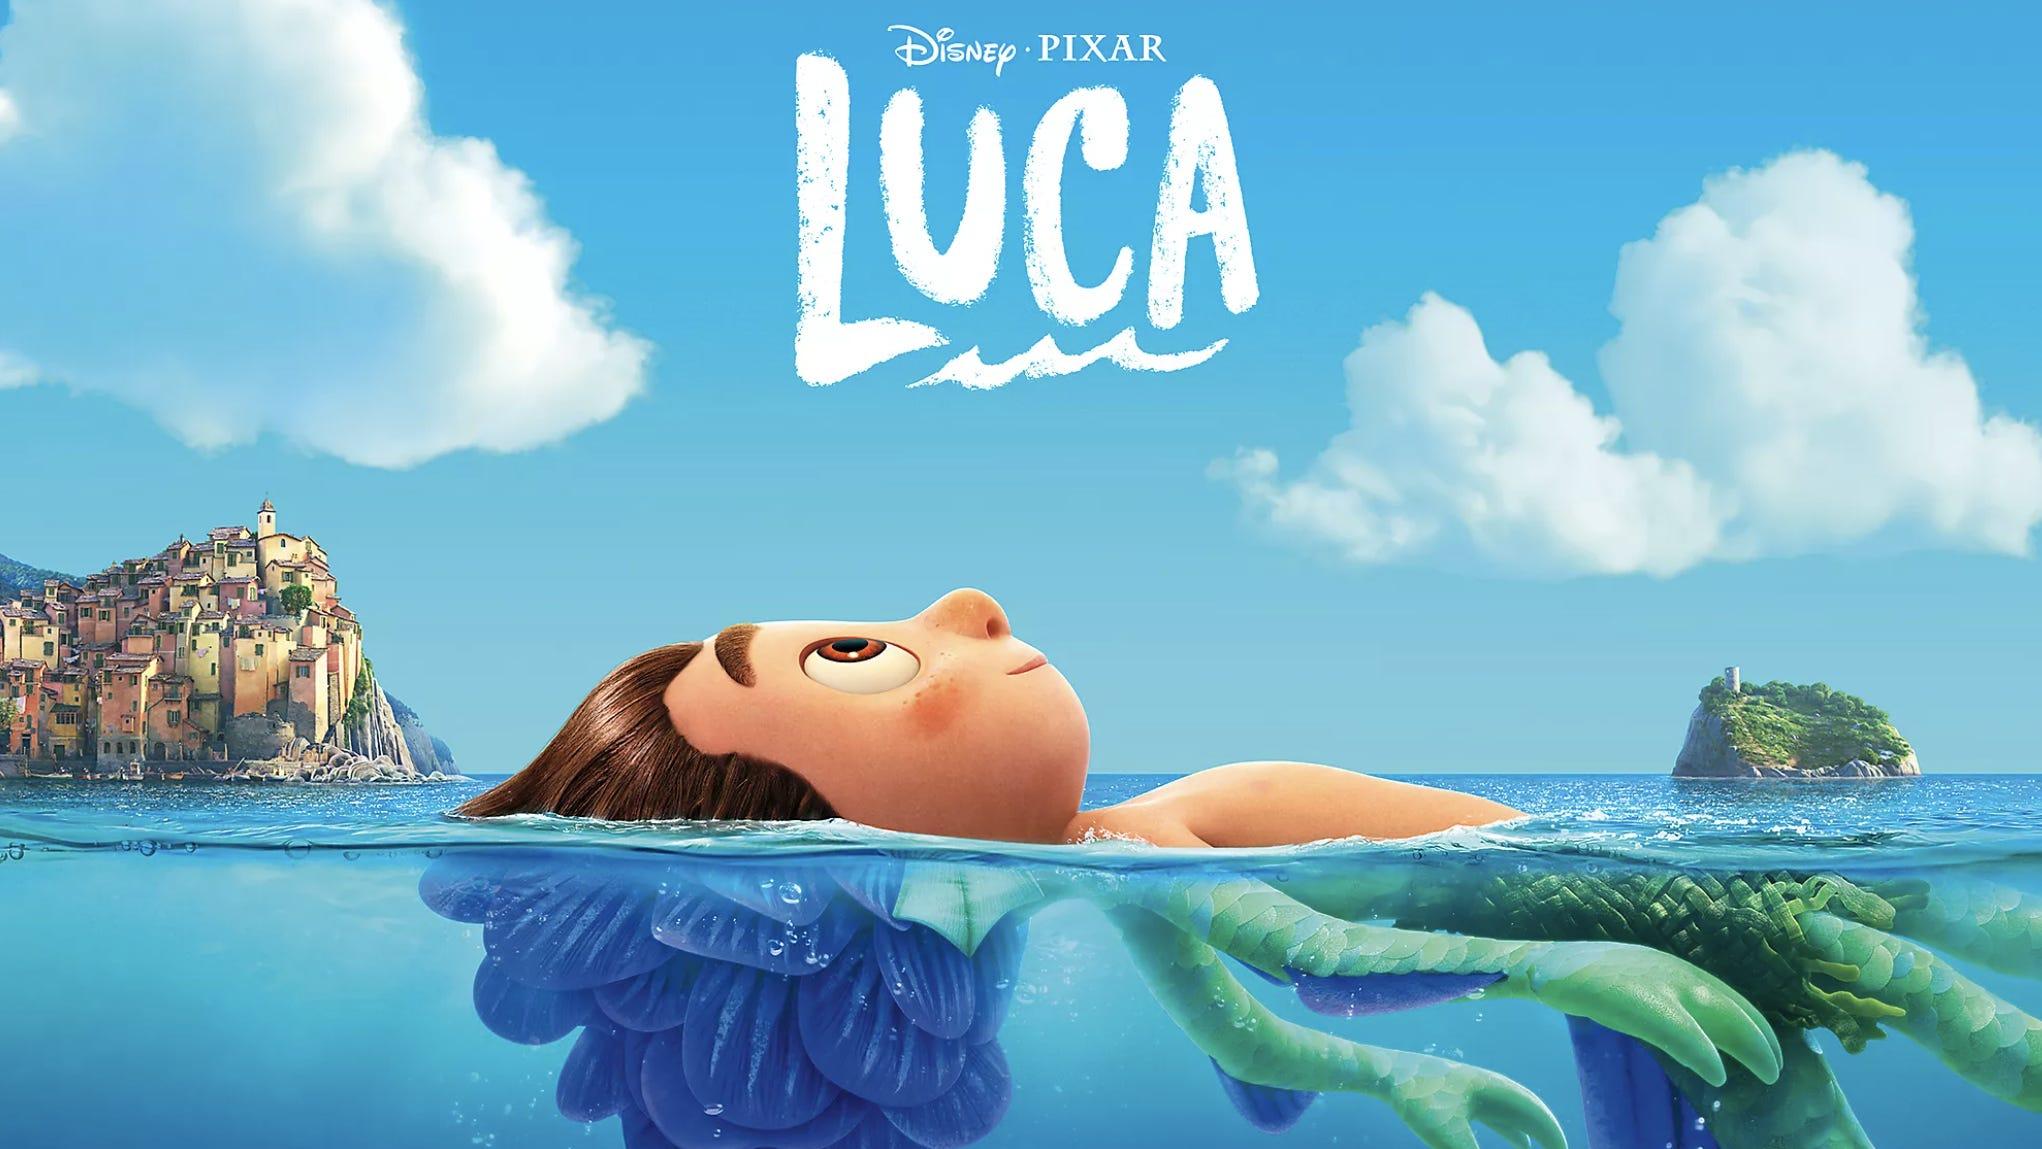 Q&A withLUCA's Director Enrico Casarosa